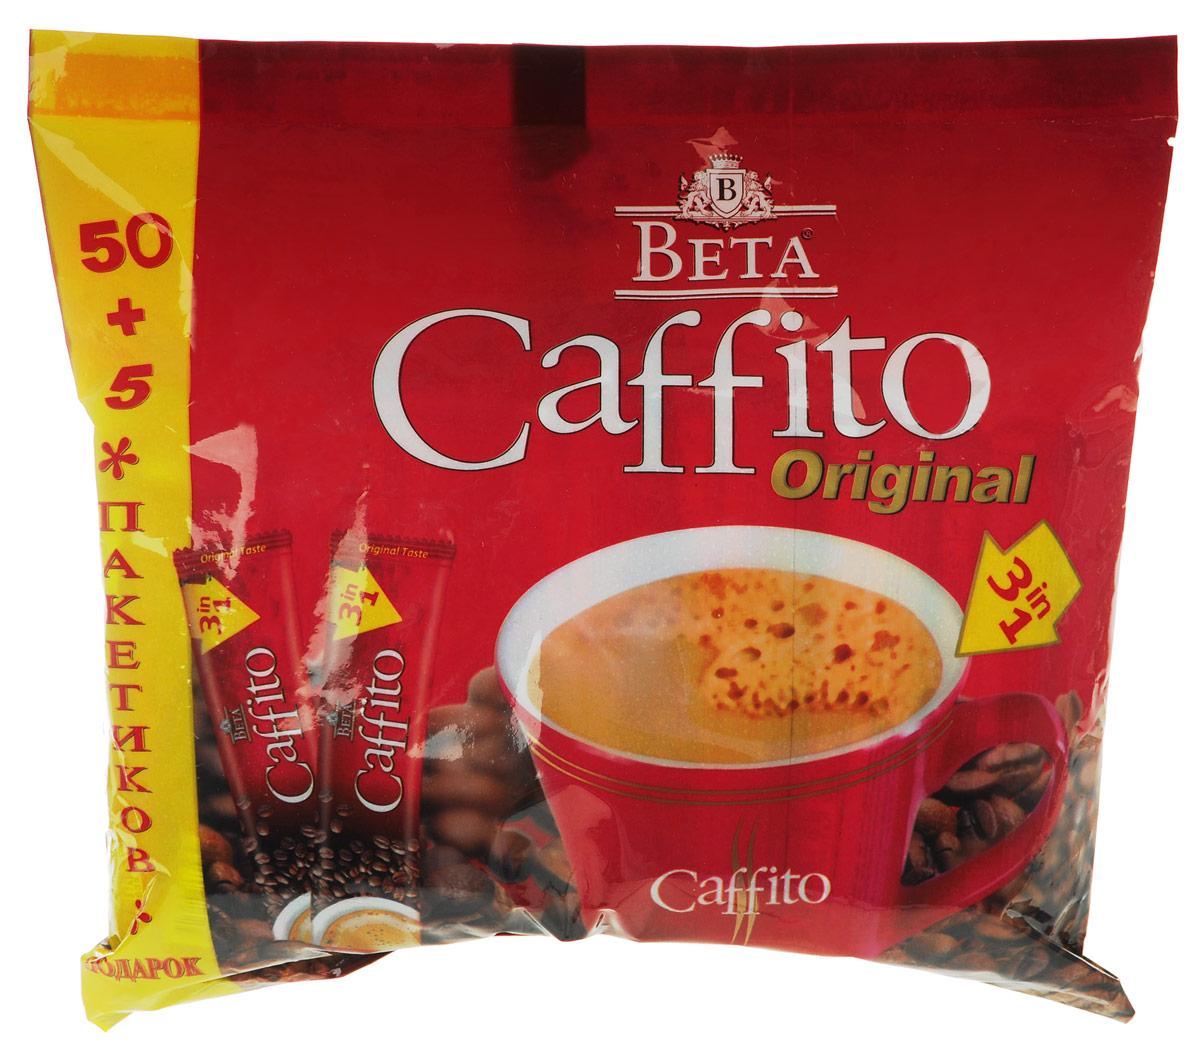 Beta Caffito кофейный напиток 3 в 1, 50 шт + 5 шт0120710Beta Caffito - превосходный кофейный напиток со сливками. Удобные порционные пакетики 3 в 1 позволяют моментально приготовить чашку ароматного кофе.